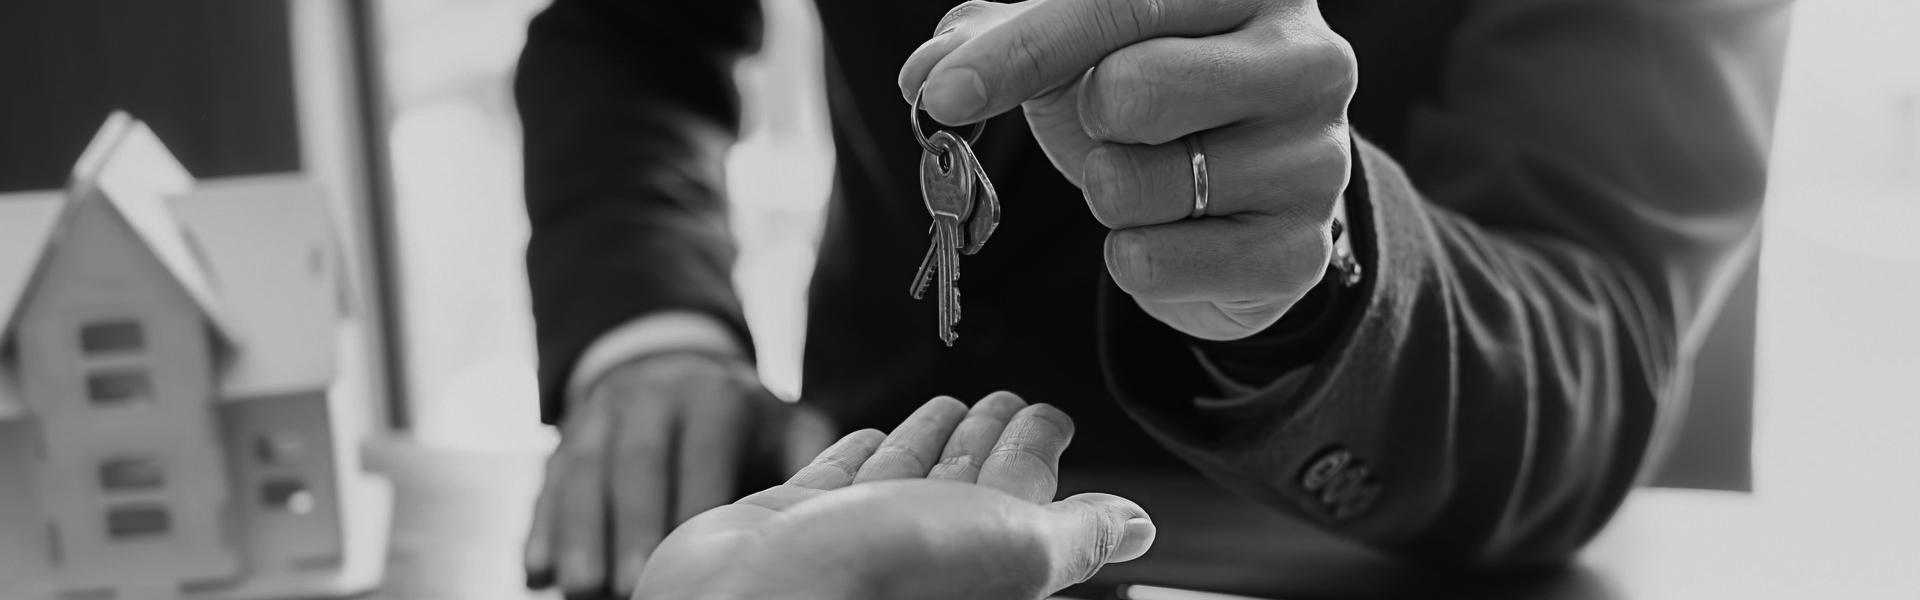 Lagerlöfs Fastighetsmäkleri Prova en mindre mäklare! - det finns fördelar! Kommandörsvägen 6, 114 48 Stockholm 08-42505600 info@lagerlofs.com www.lagerlofs.com